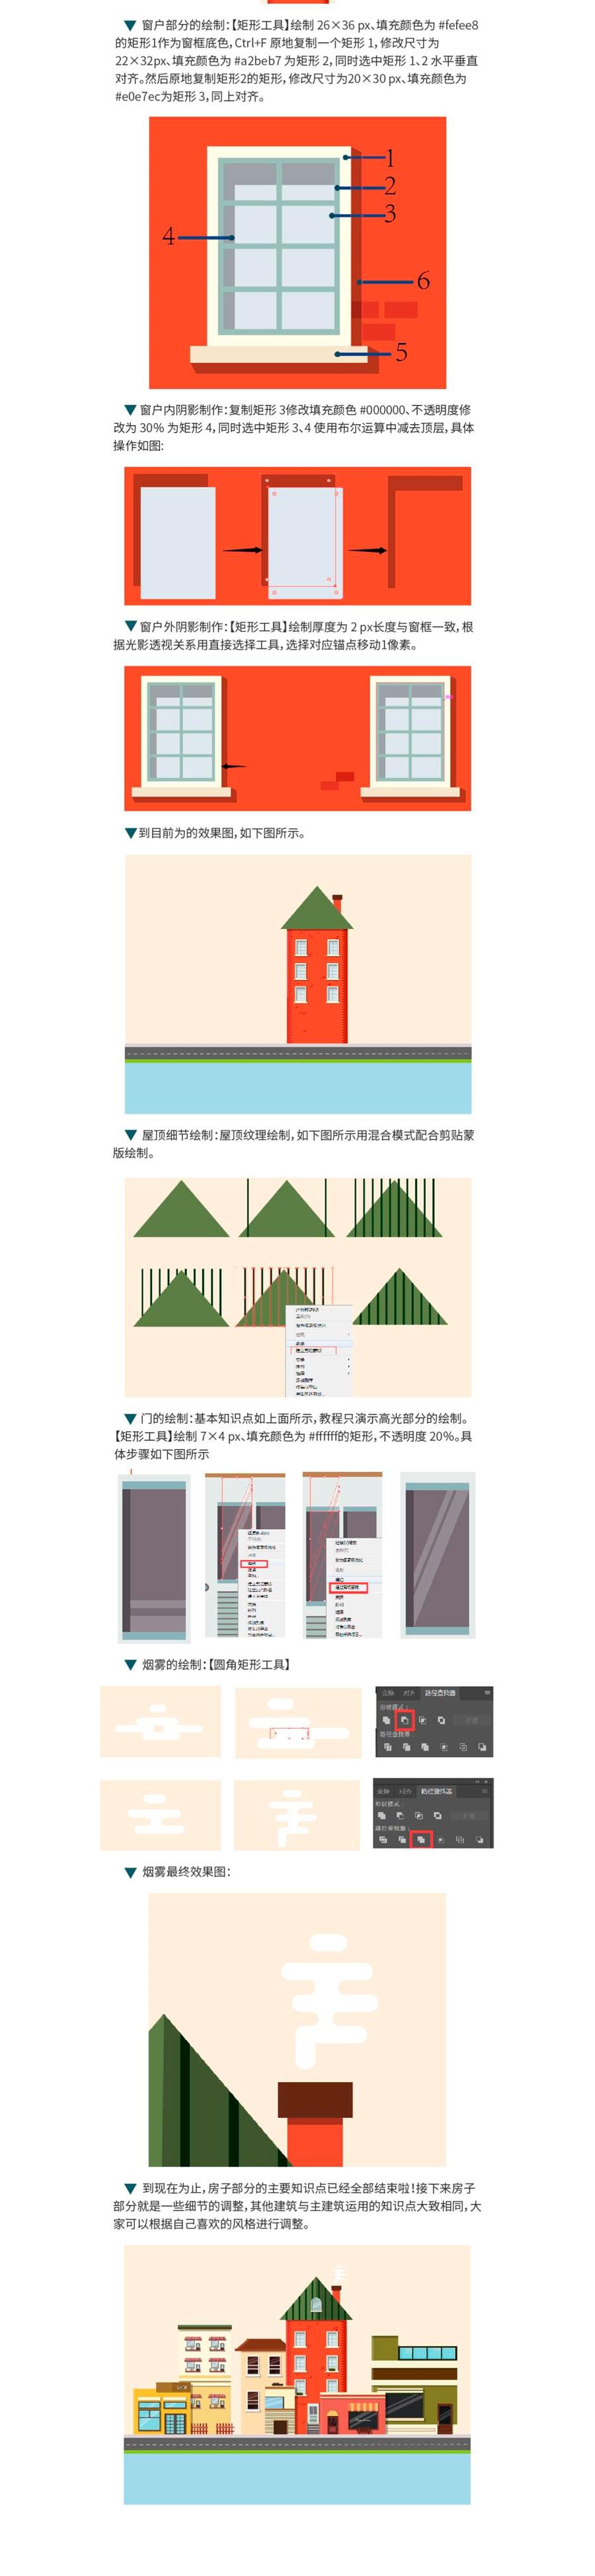 Illustrator繪製色彩清新風格的街邊場景插畫